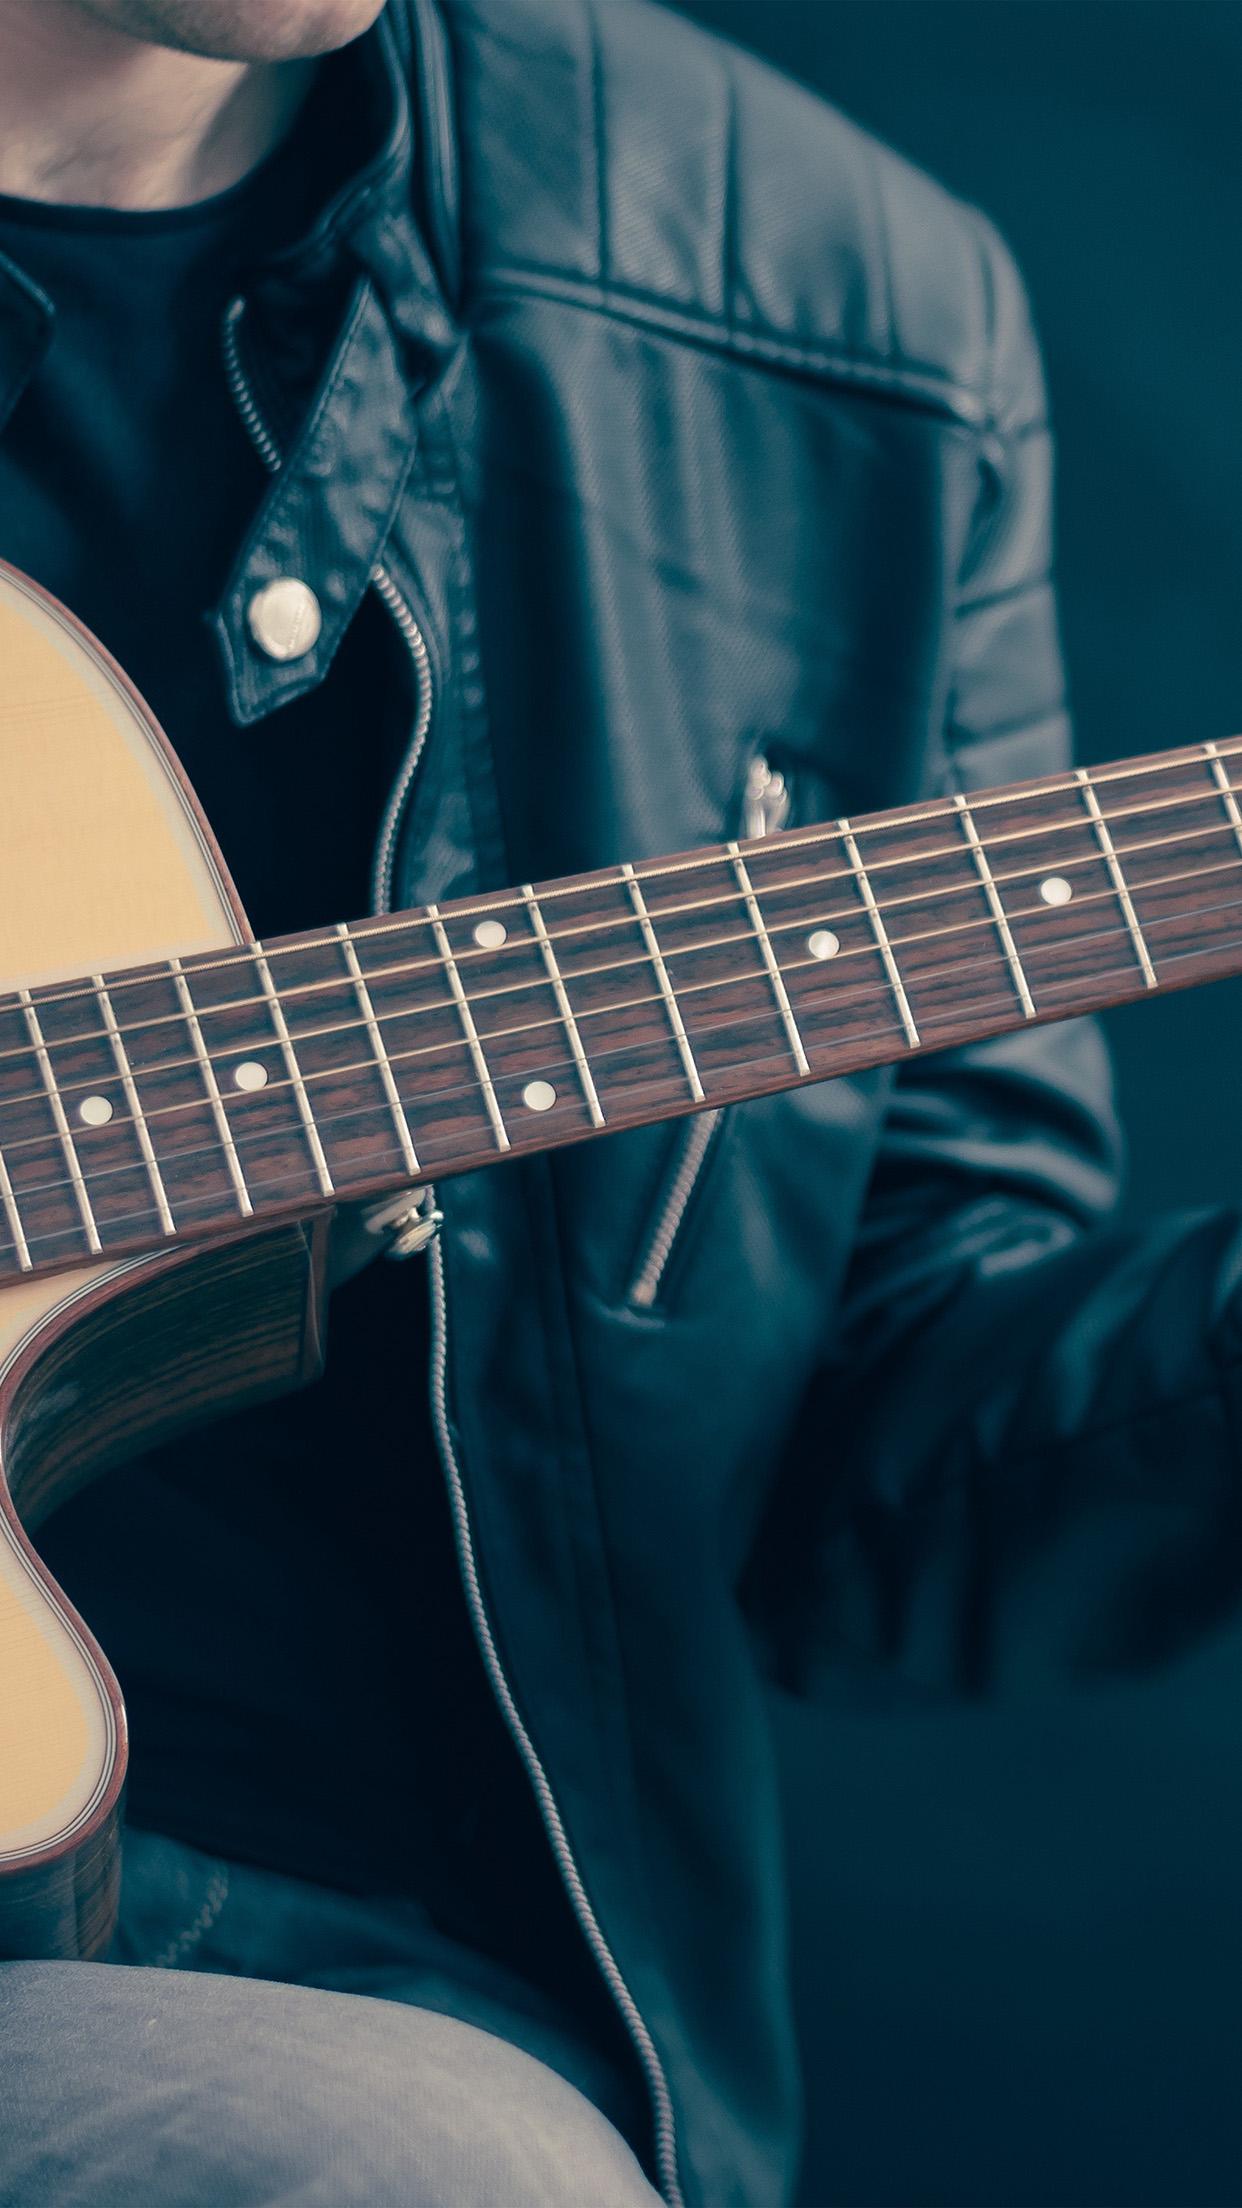 Nc10 Guitar Classical Music Art Guy Wallpaper